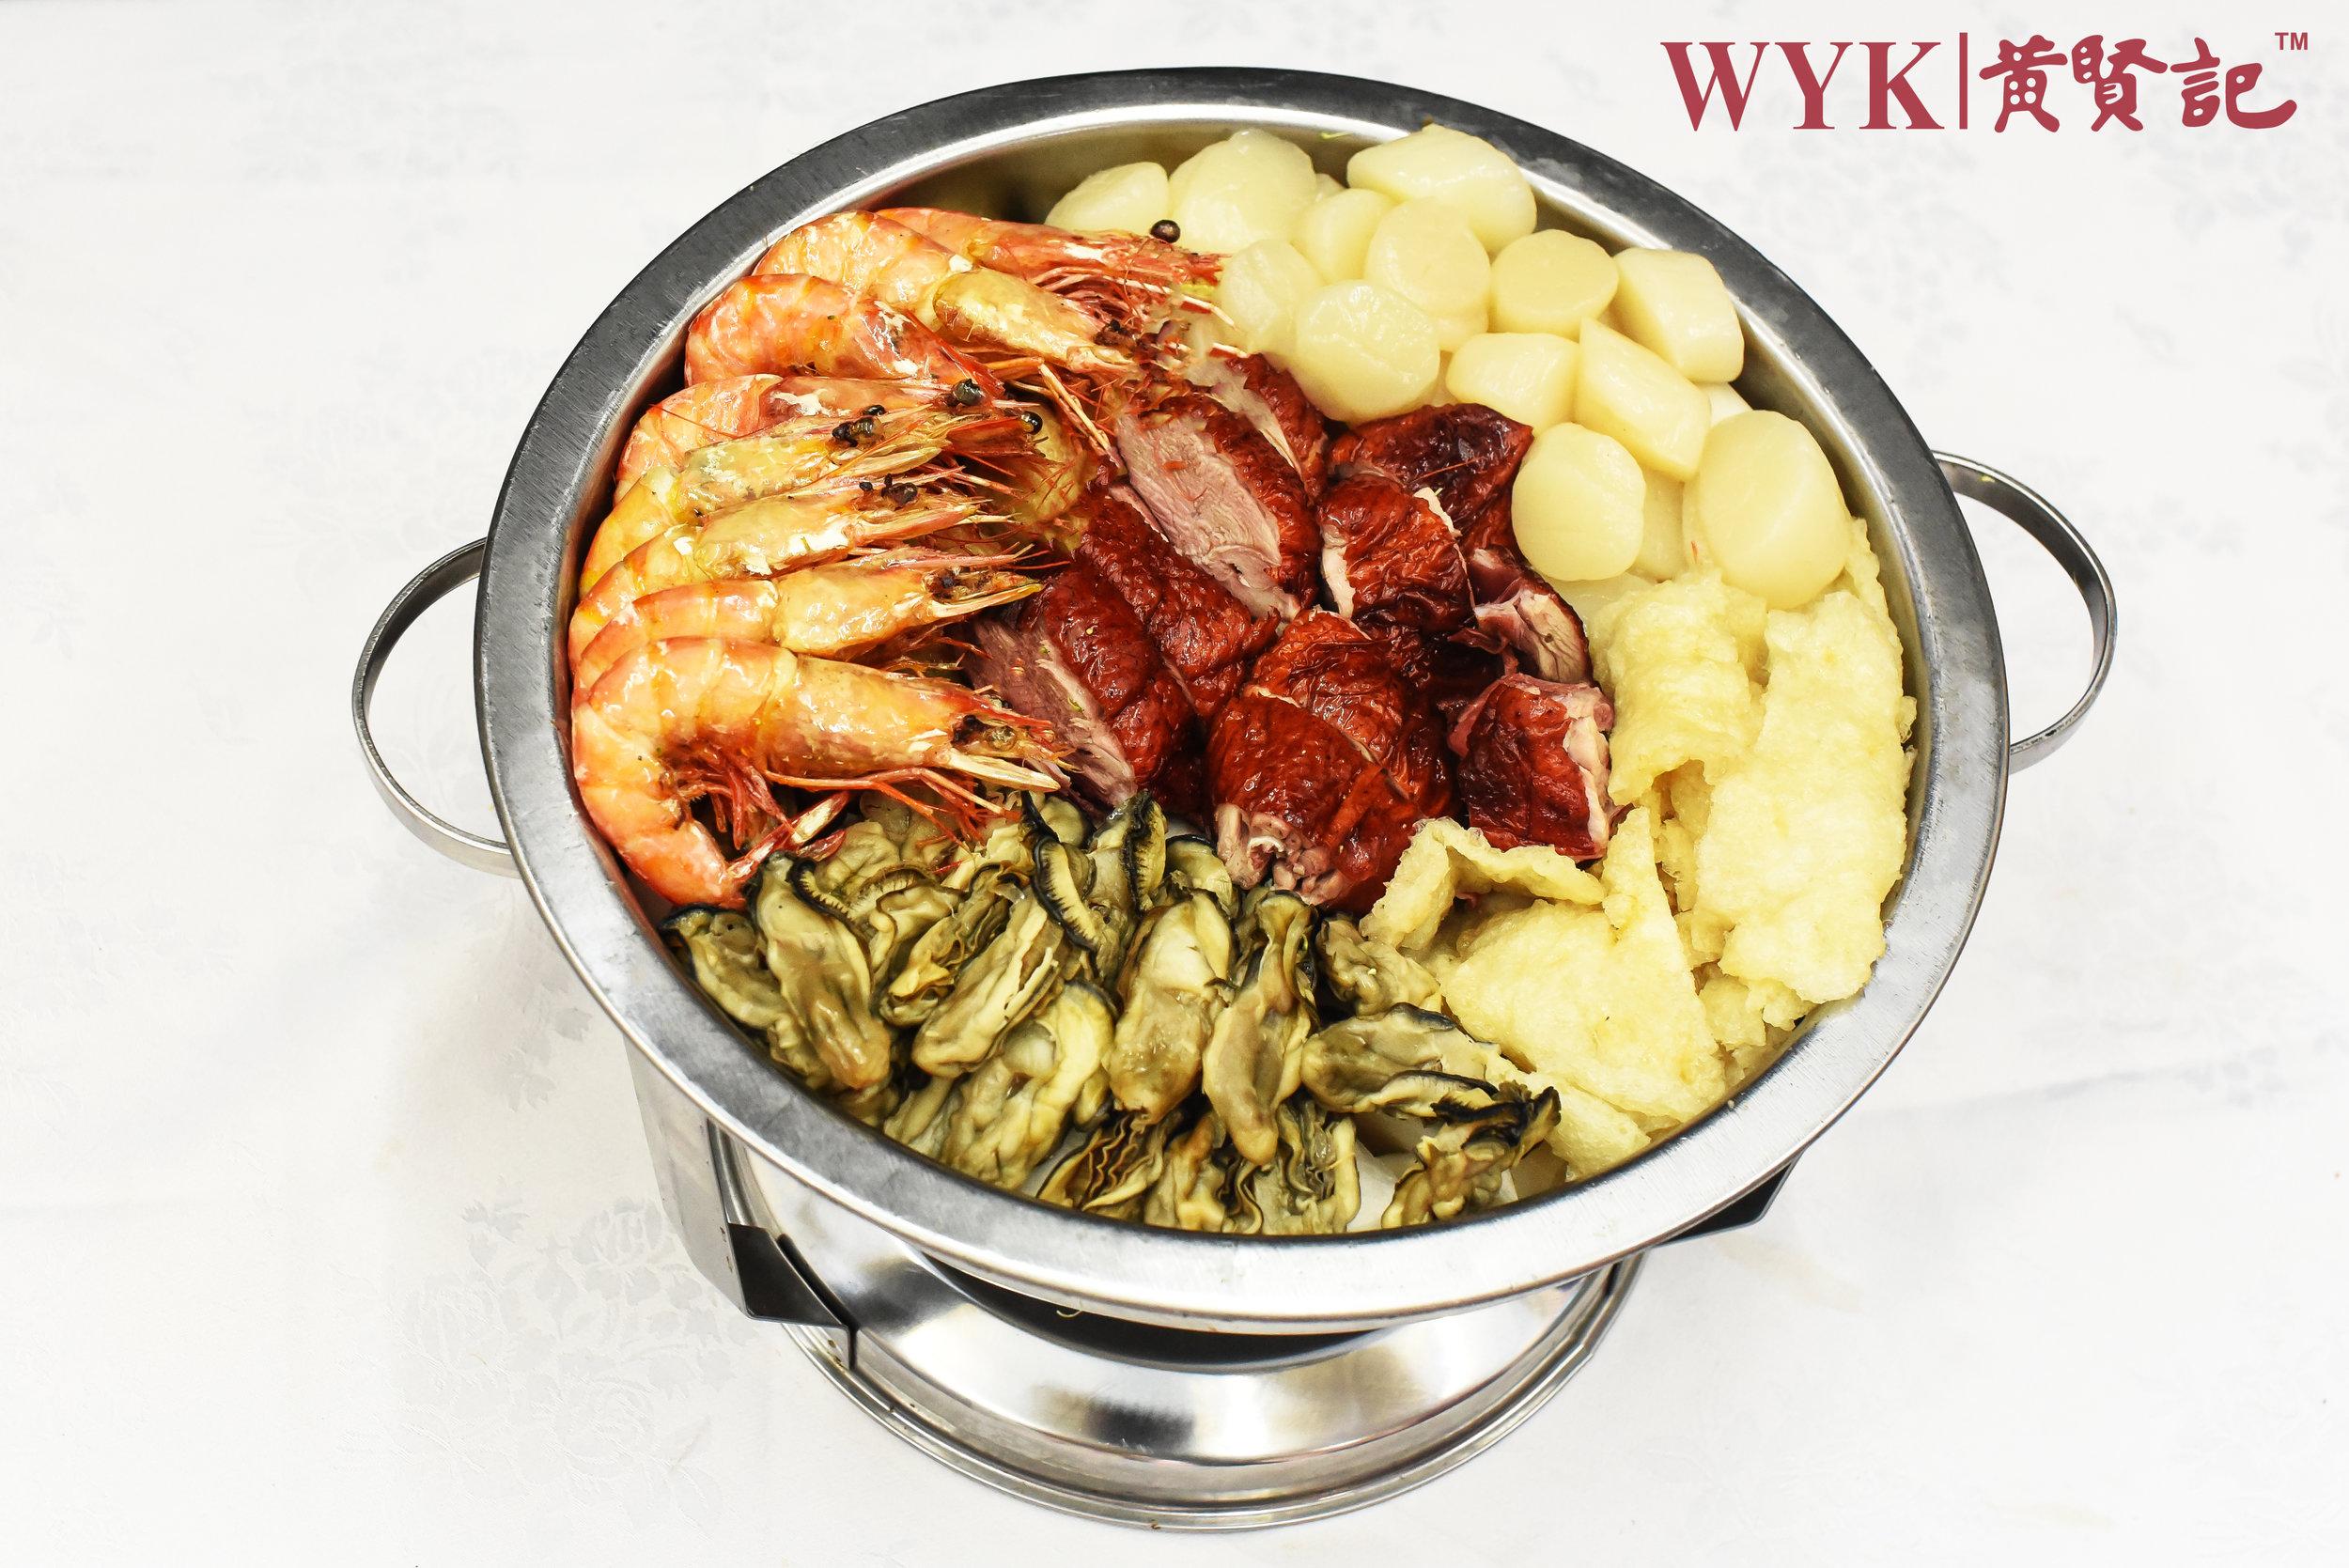 豪华海味一品锅 Delicious Seafood Platter.jpg